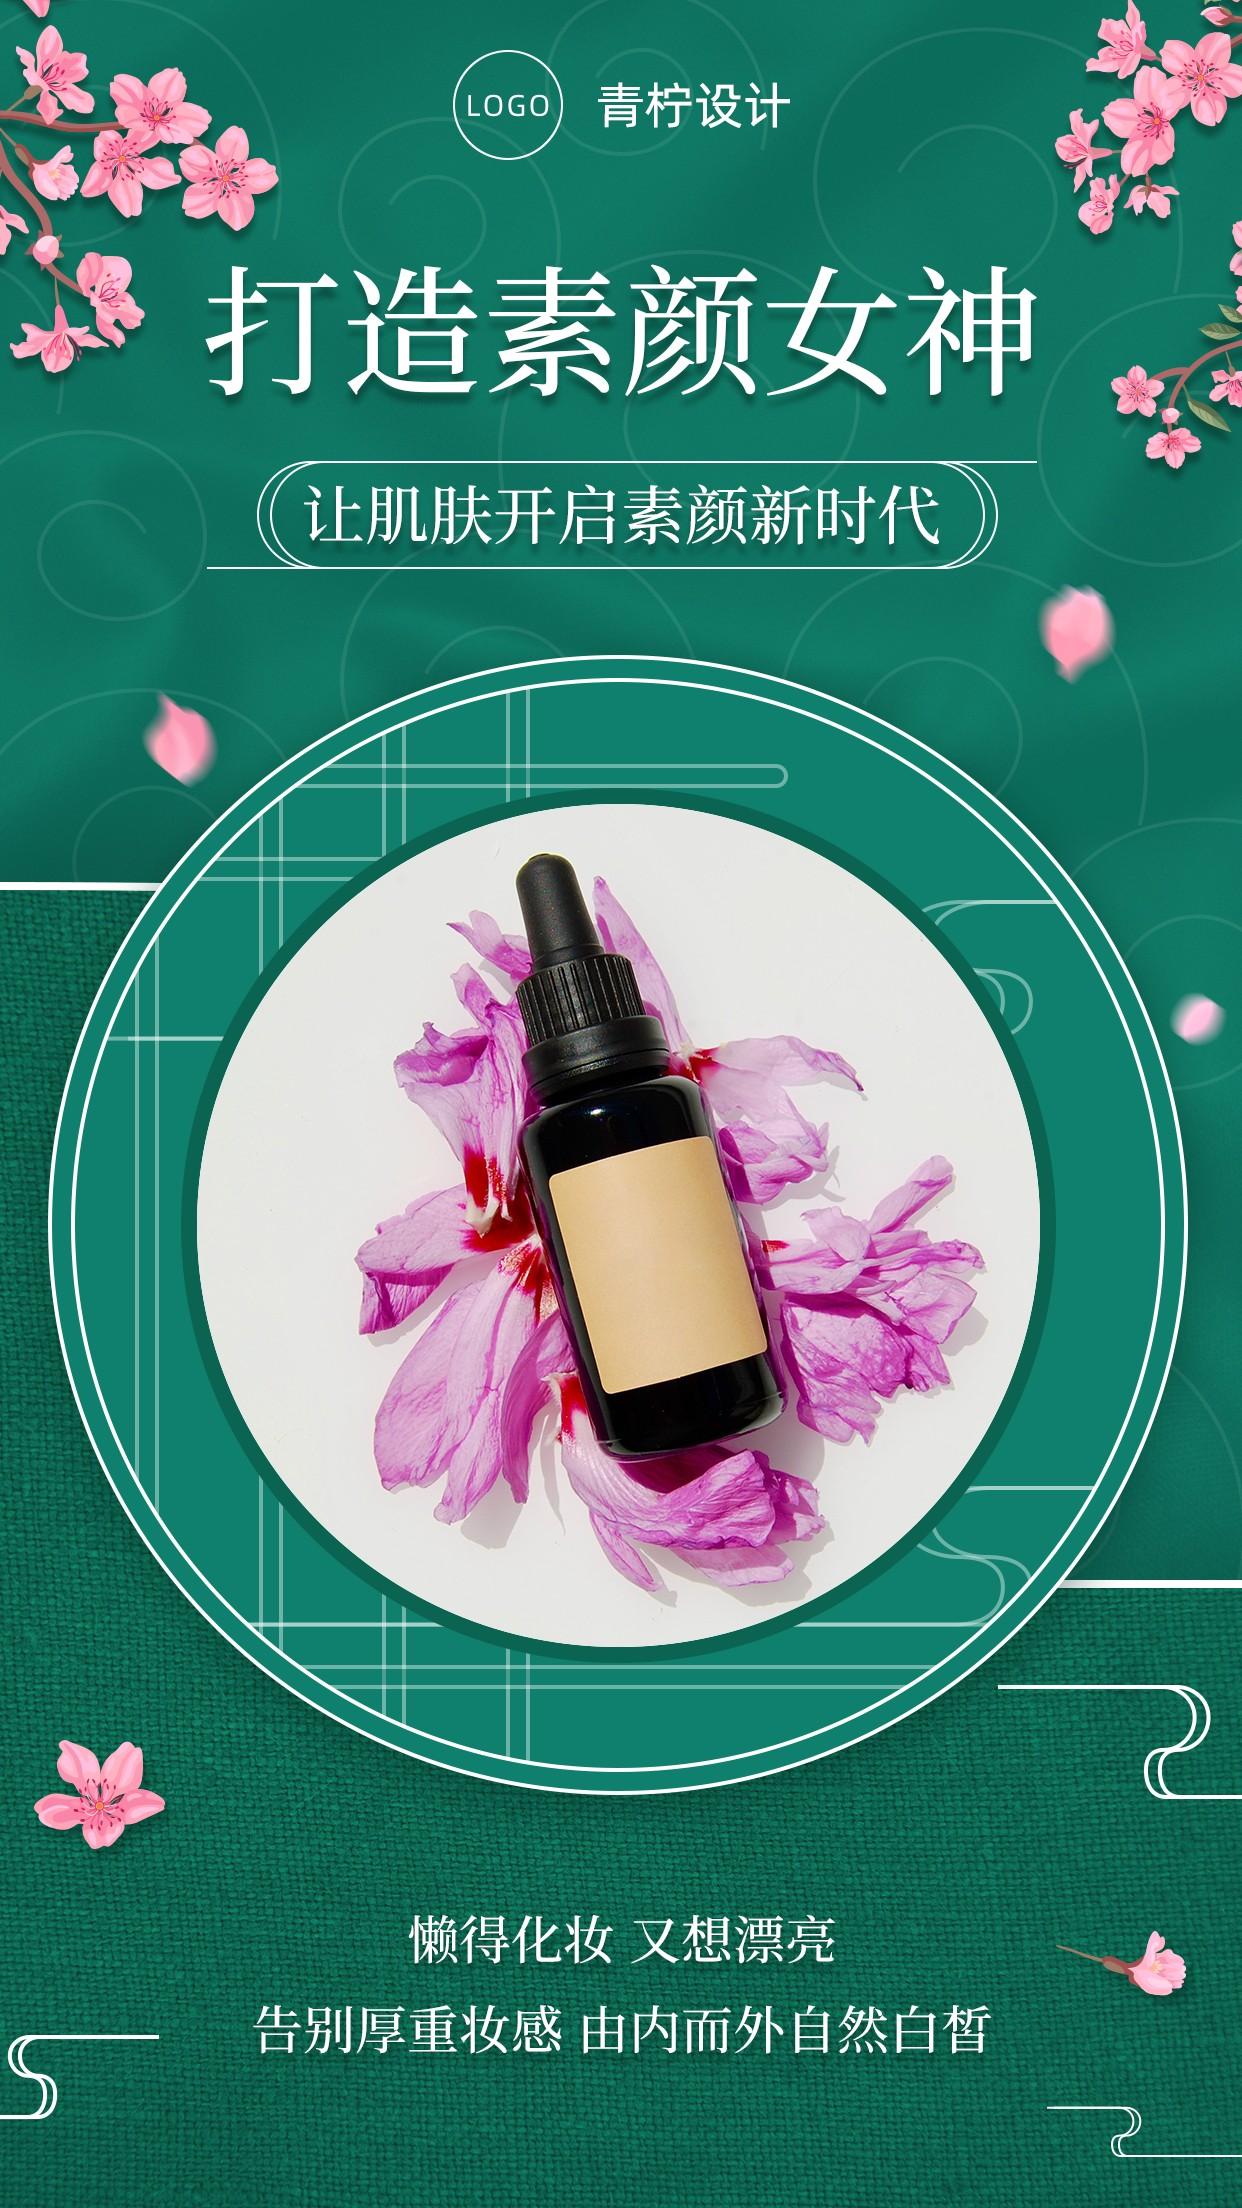 中国风美容美妆推荐手机海报